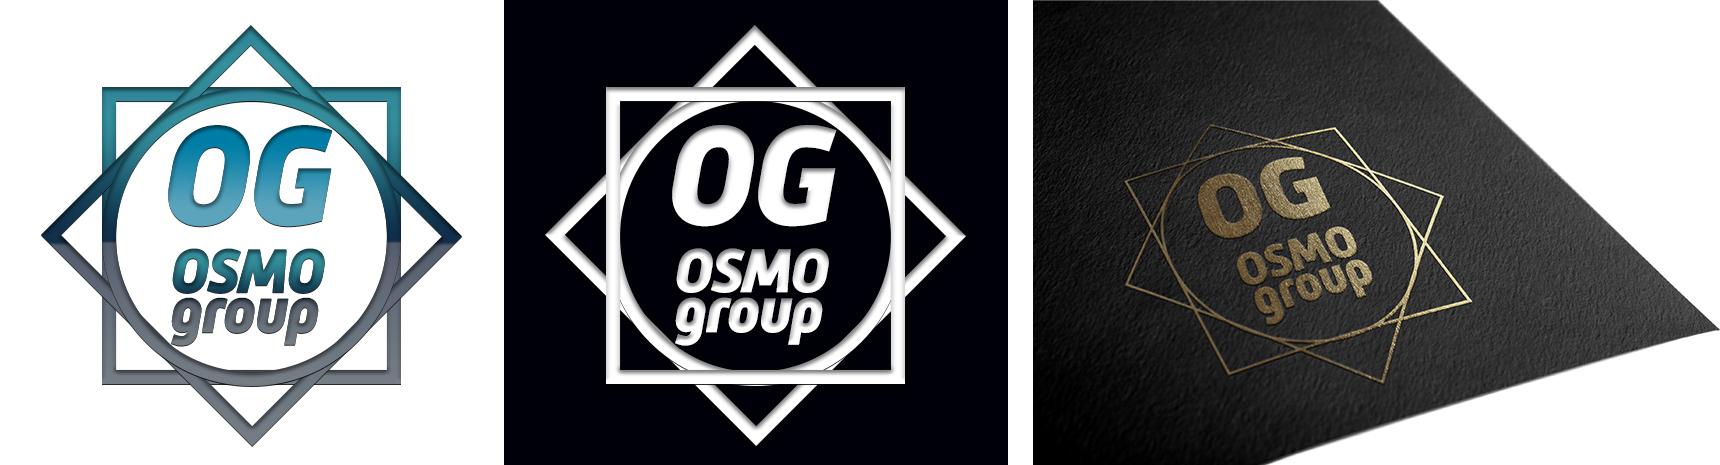 Создание логотипа для строительной компании OSMO group  фото f_21859b6255663e2c.jpg